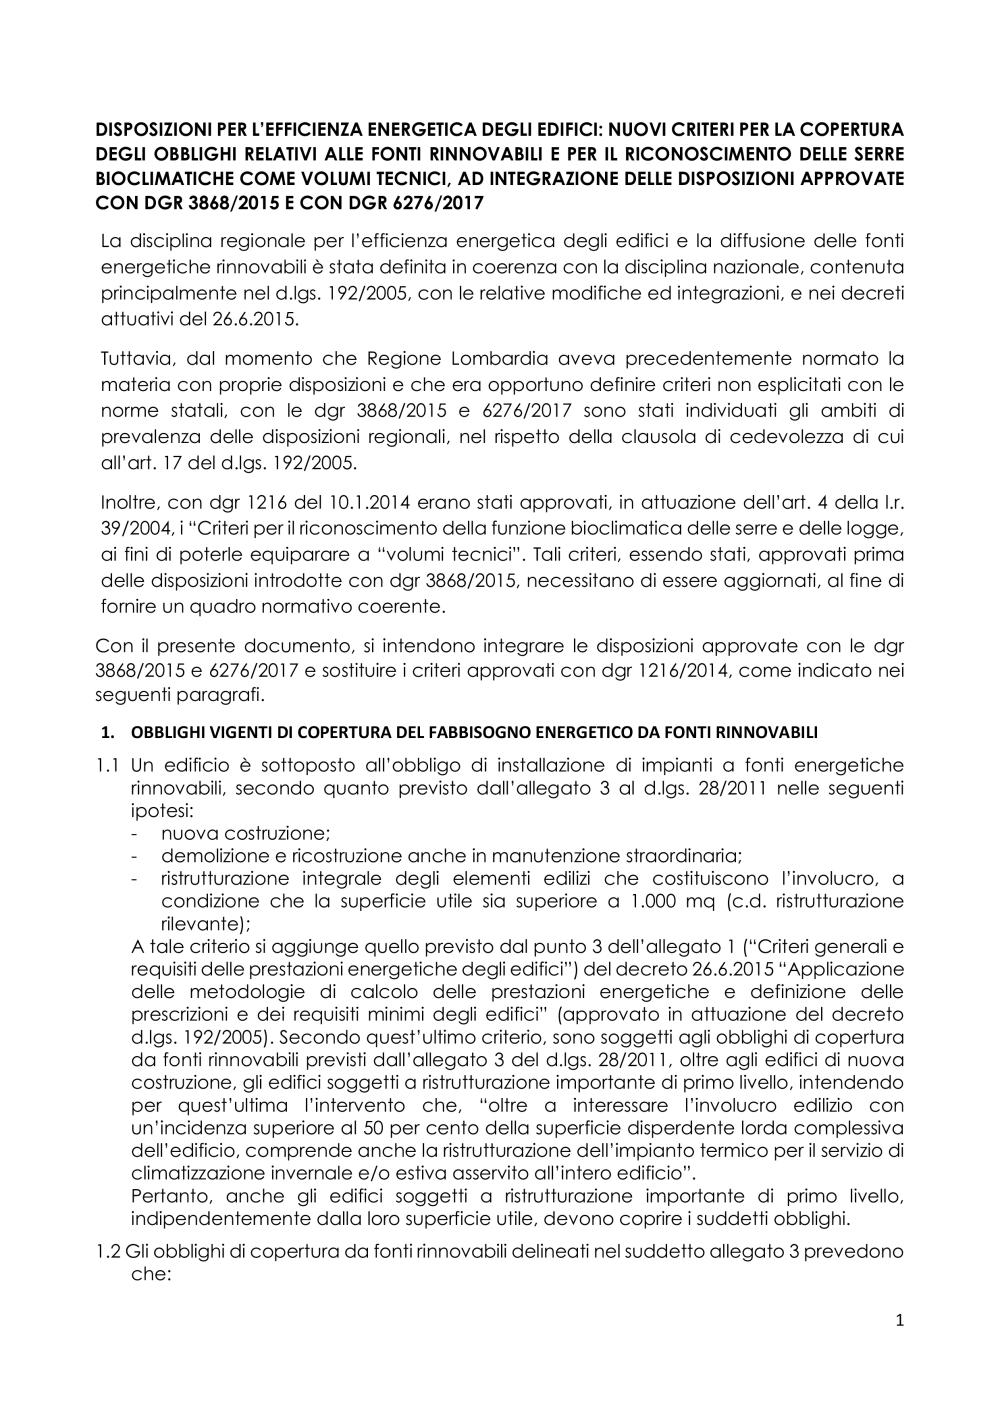 Serra Bioclimatica Normativa Lombardia delibera di giunta regionale, 18 novembre 2019 - xi 2480